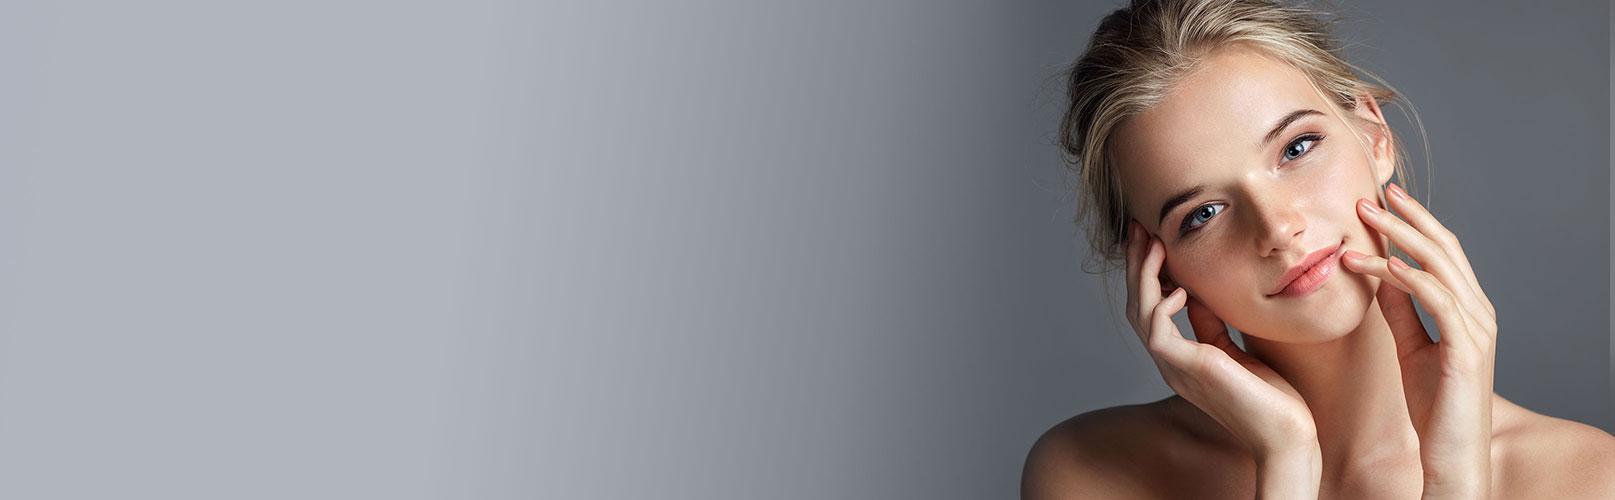 La qualité de la peau à Lyon - médecine esthétique | Dr Corniglion